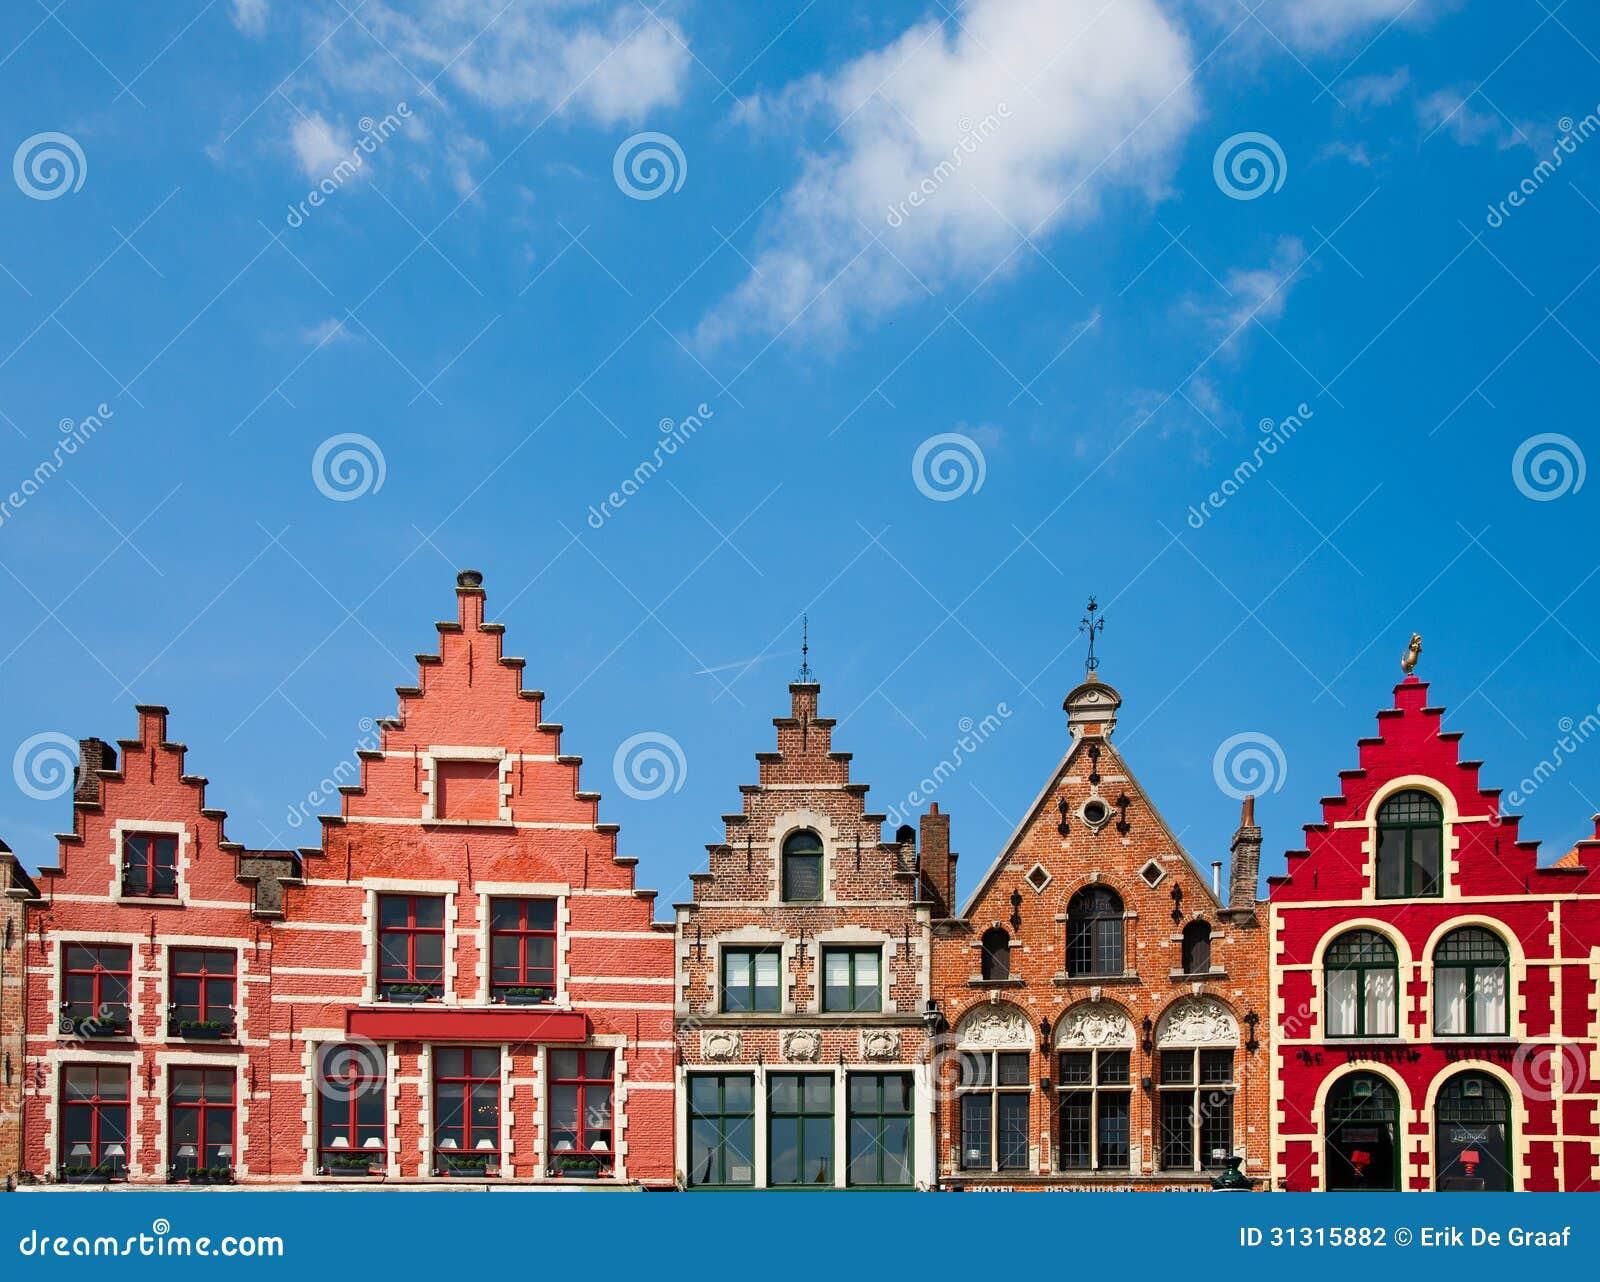 De huizen van brugge stock foto afbeelding bestaande uit muur 31315882 - Huizen van de wereldbank ...